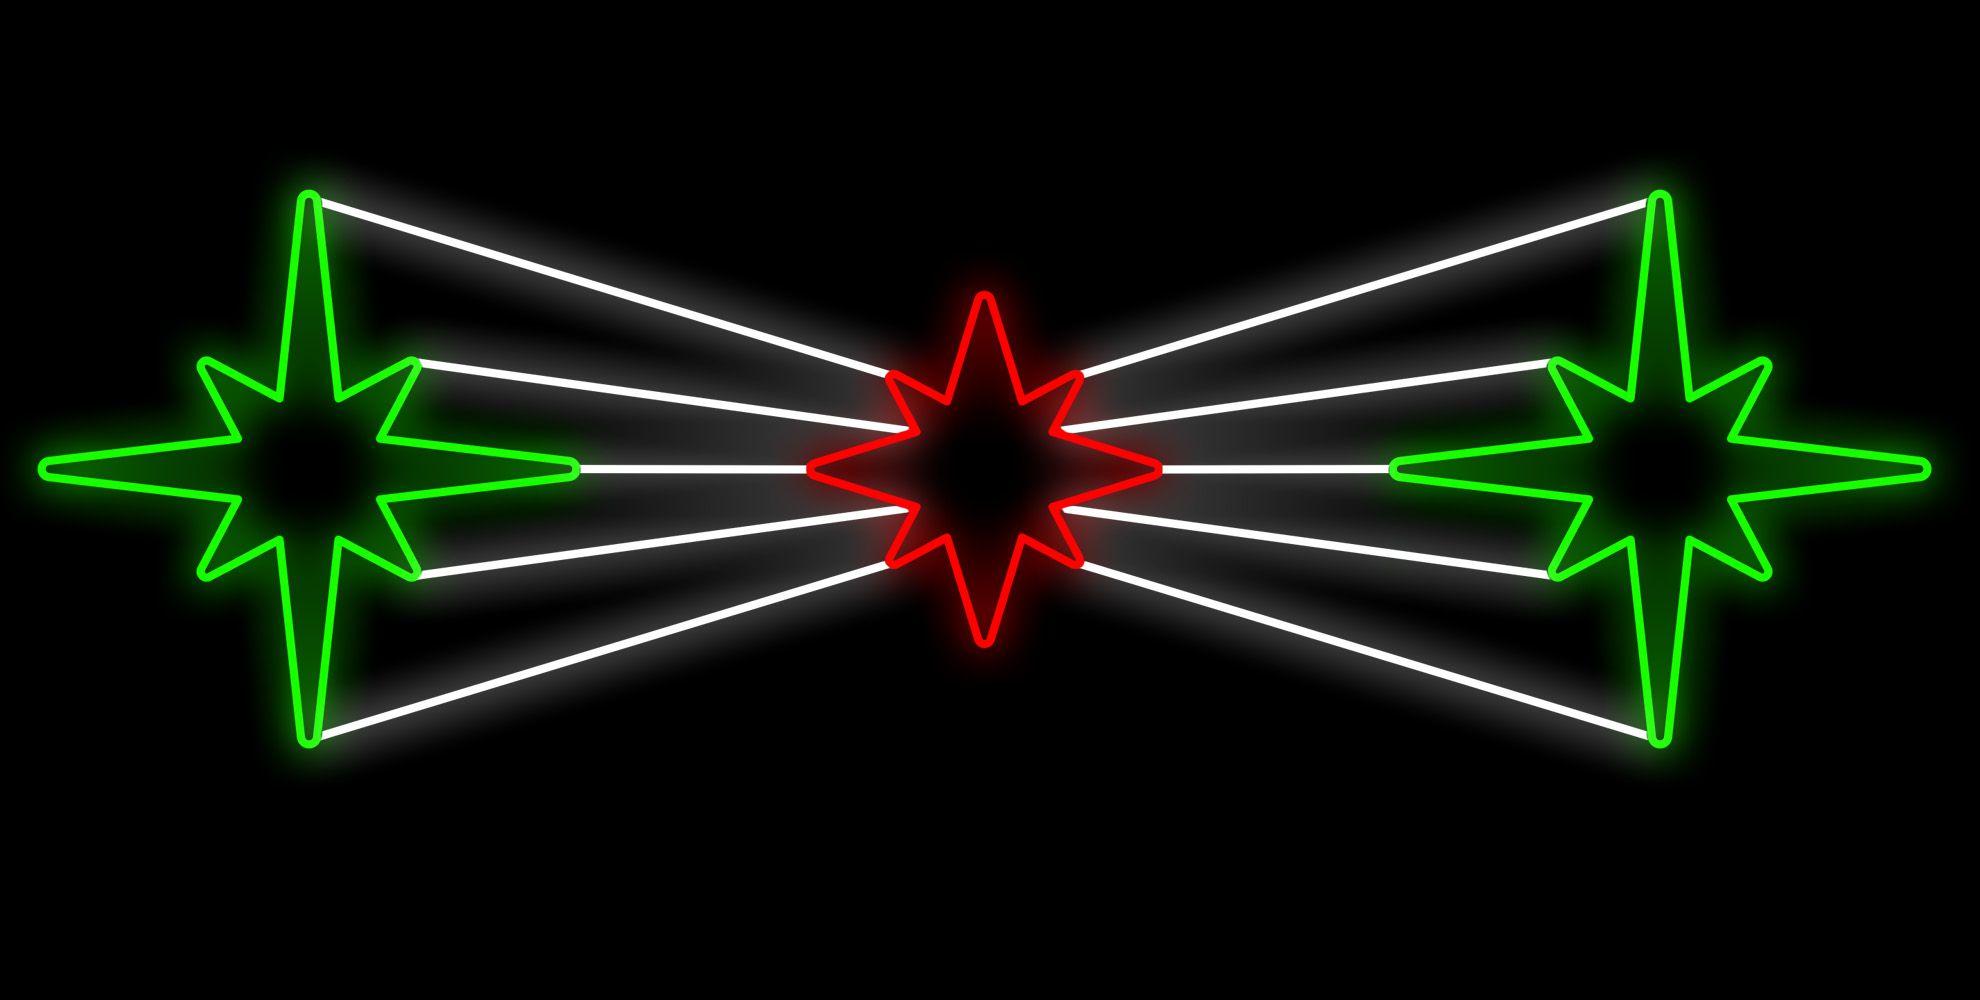 PO-034 - Decoração Metálica Iluminada Led - Painel Estrelas Refletivas - MED 1,45 X 5,00 MTS